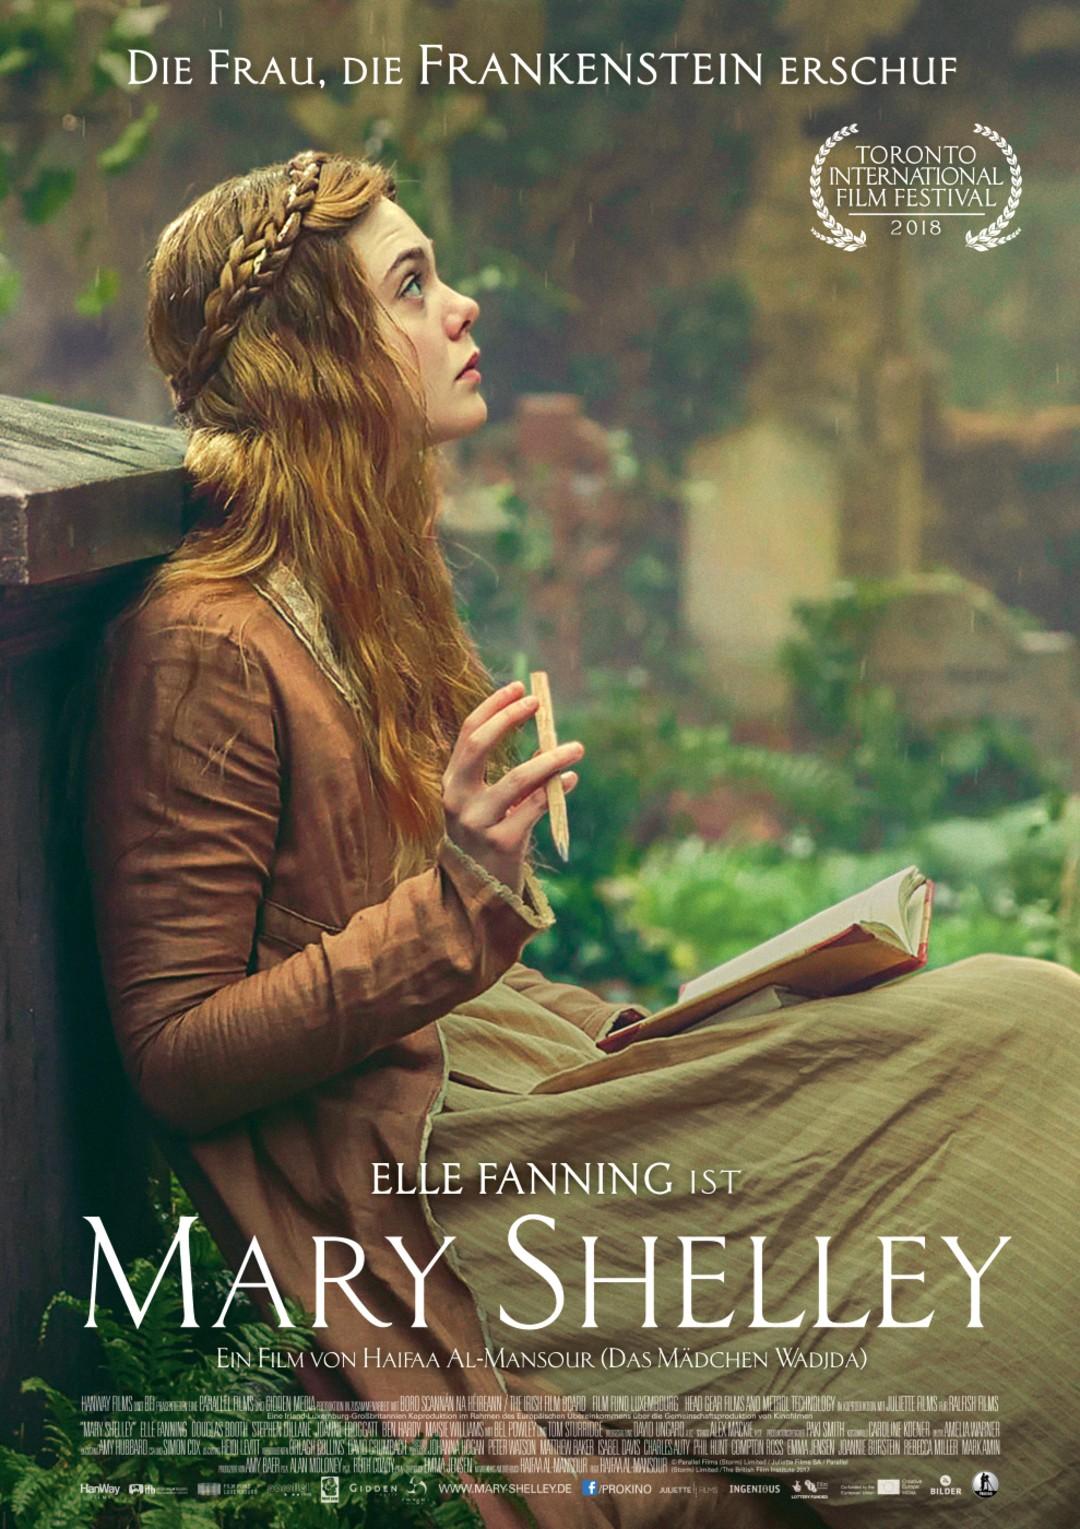 Mary Shelley Trailer - Bild 1 von 10